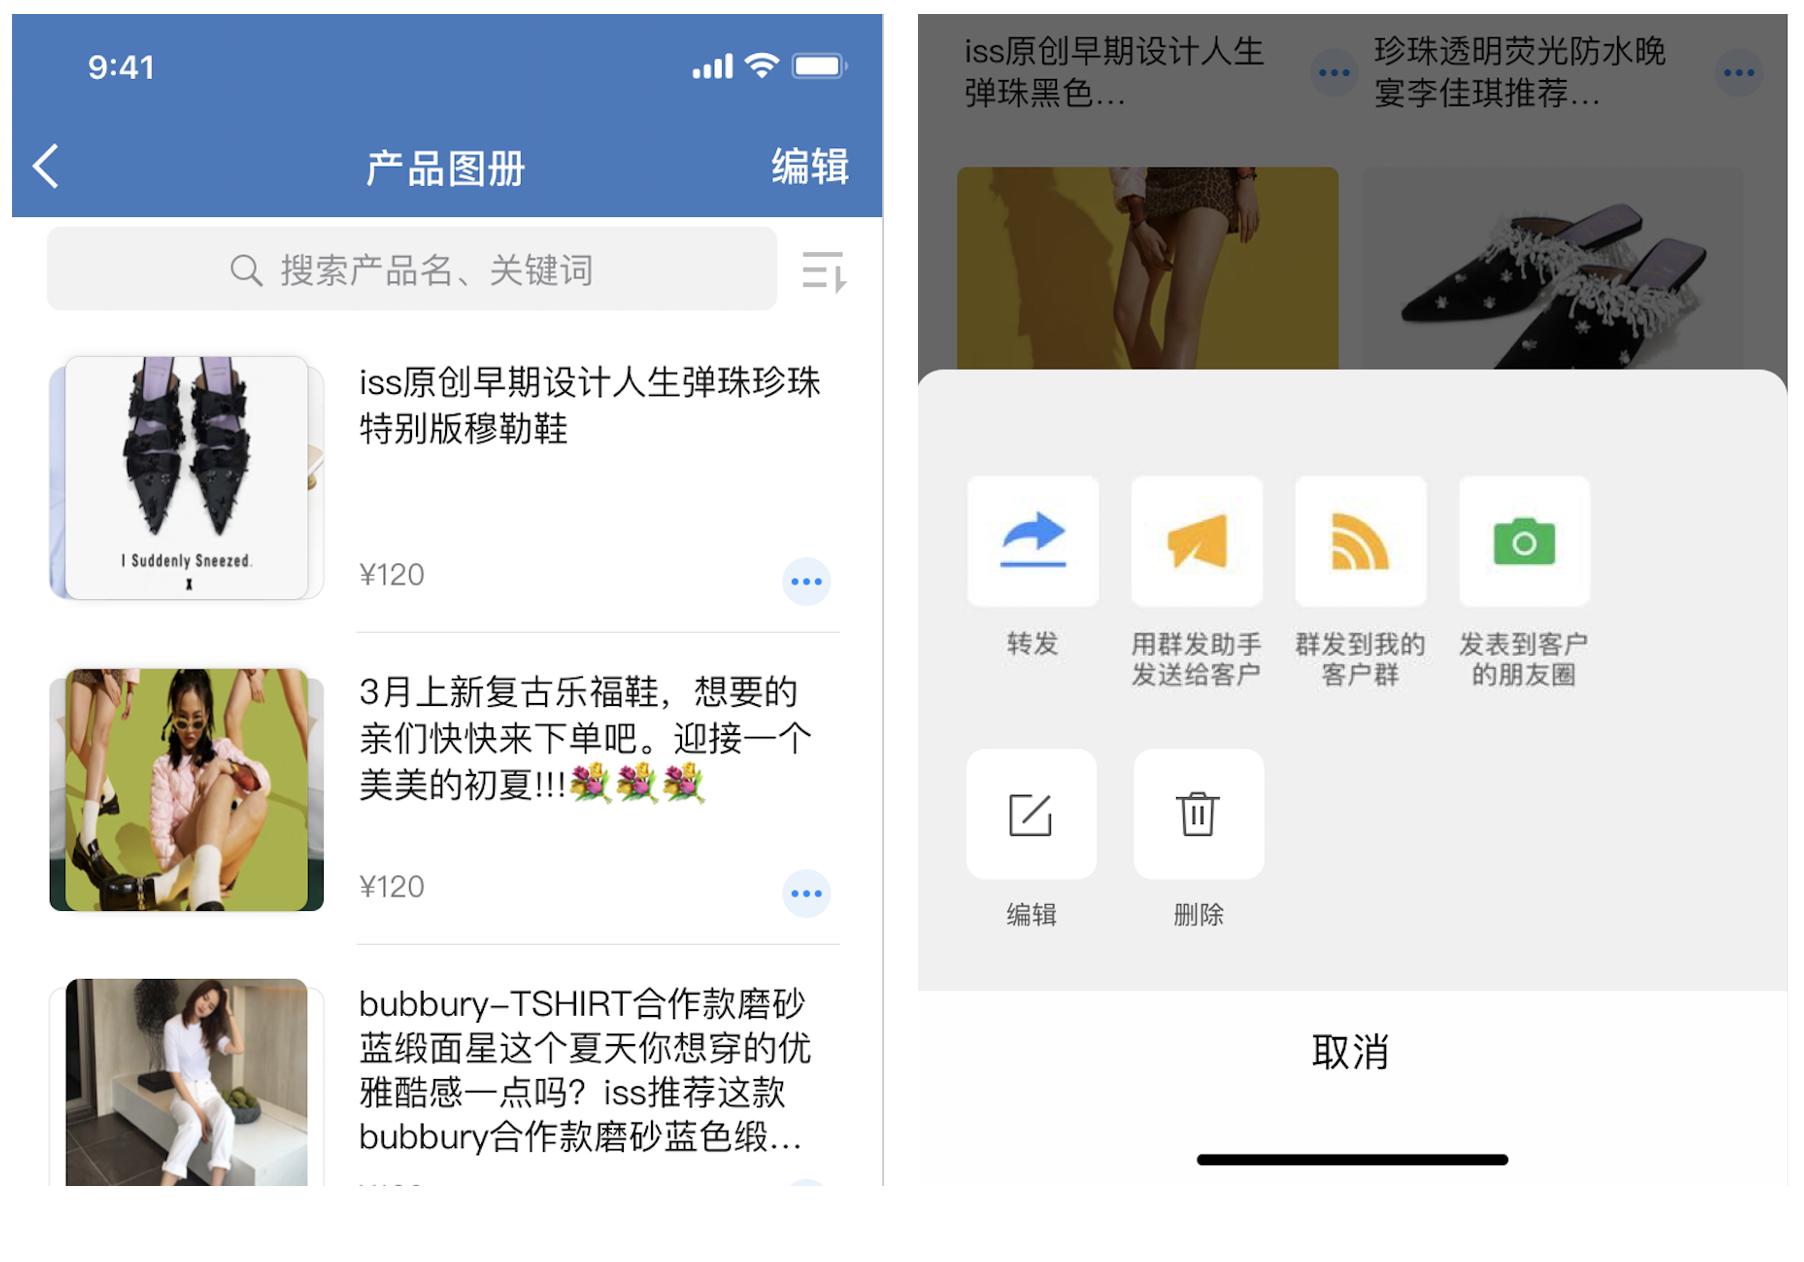 如何在企业微信工作台发送分享企业产品图册?